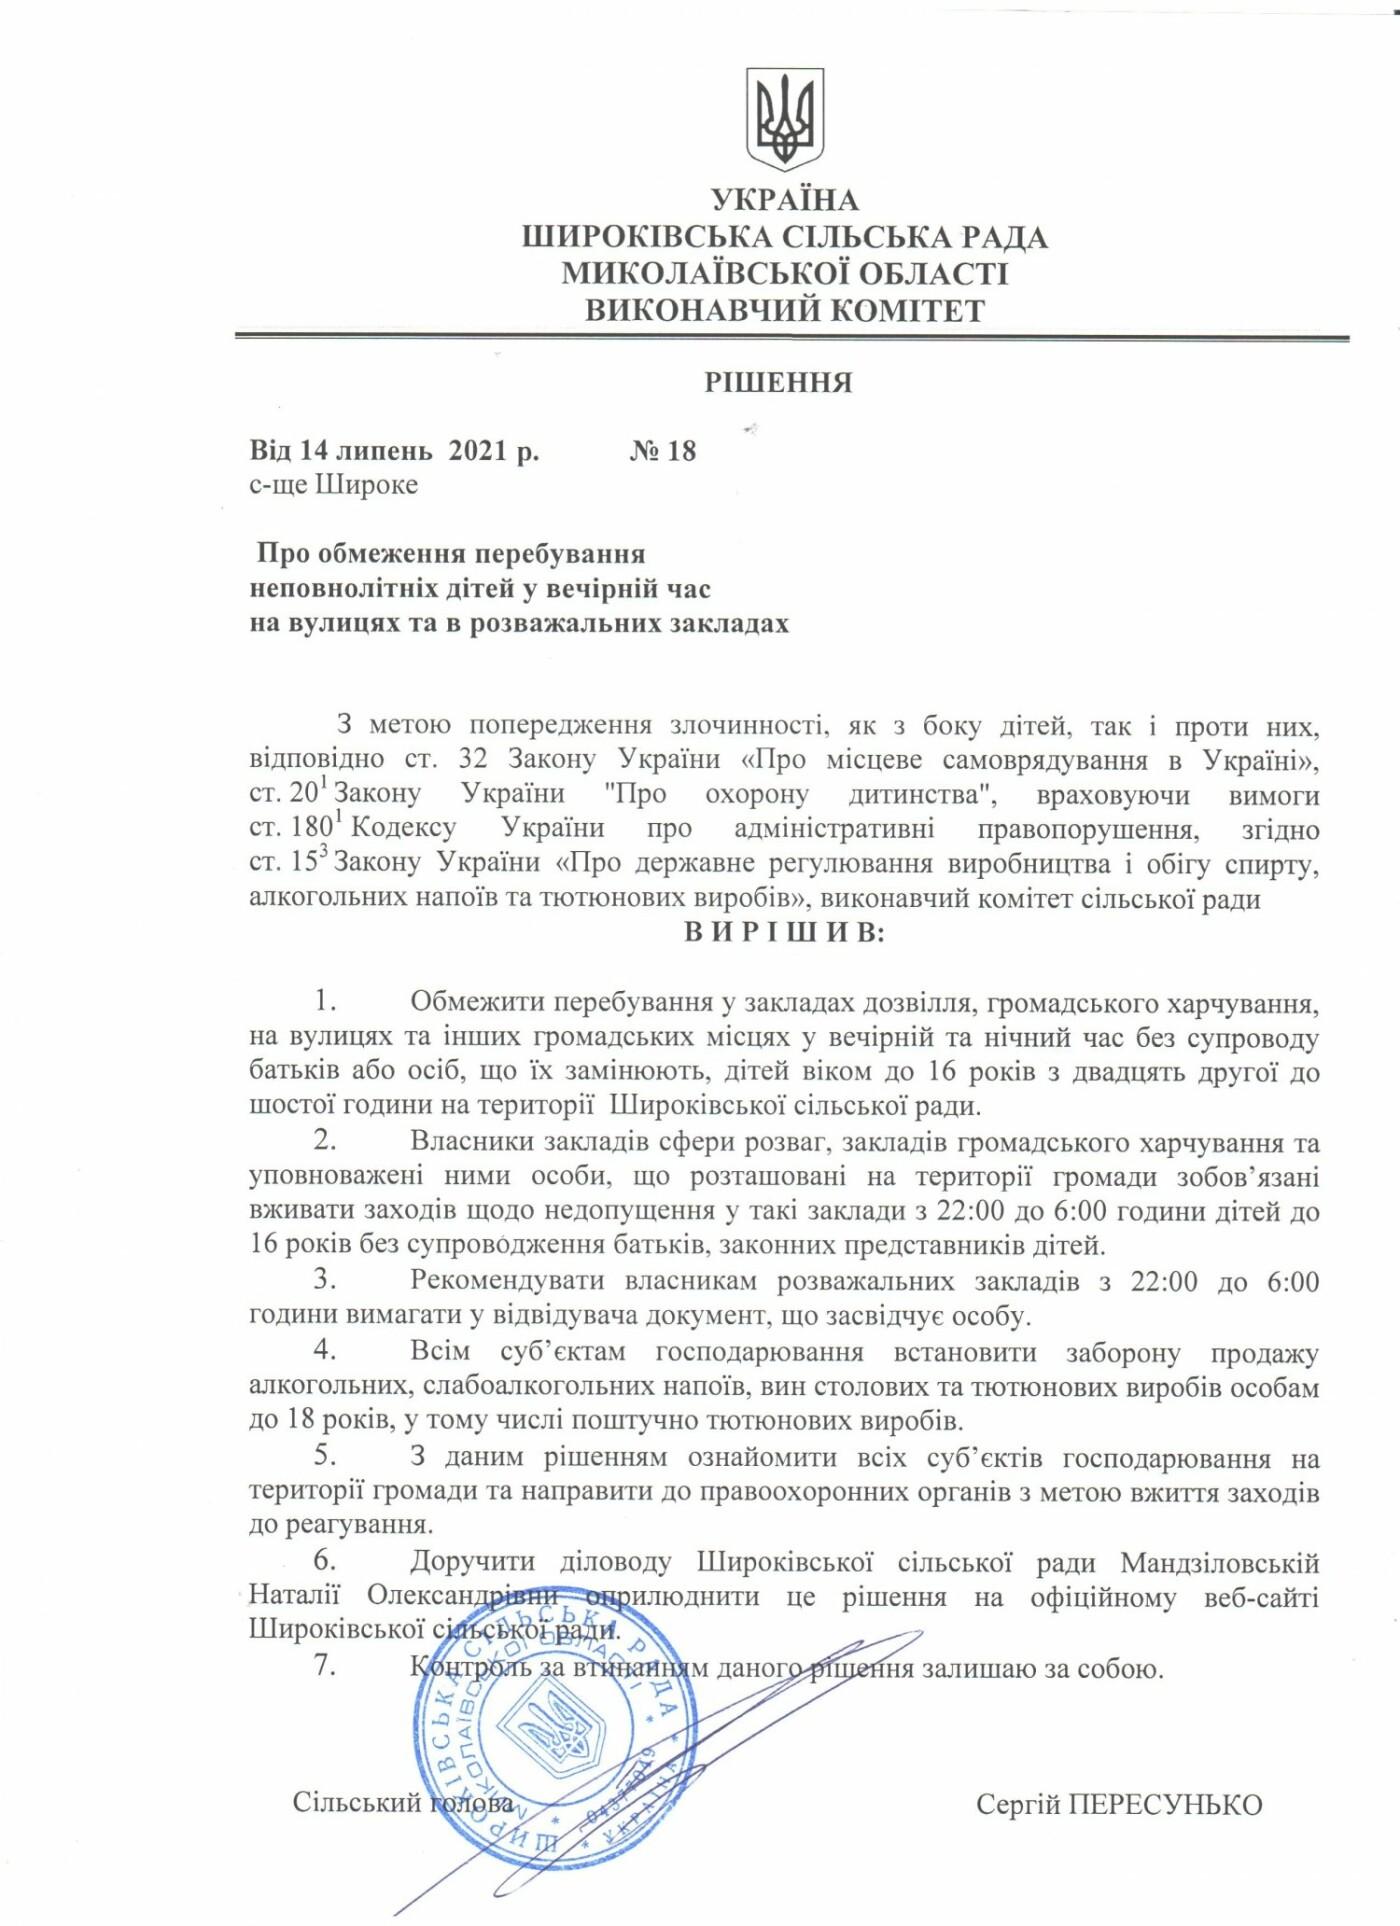 Комендантский час в Николаевской области